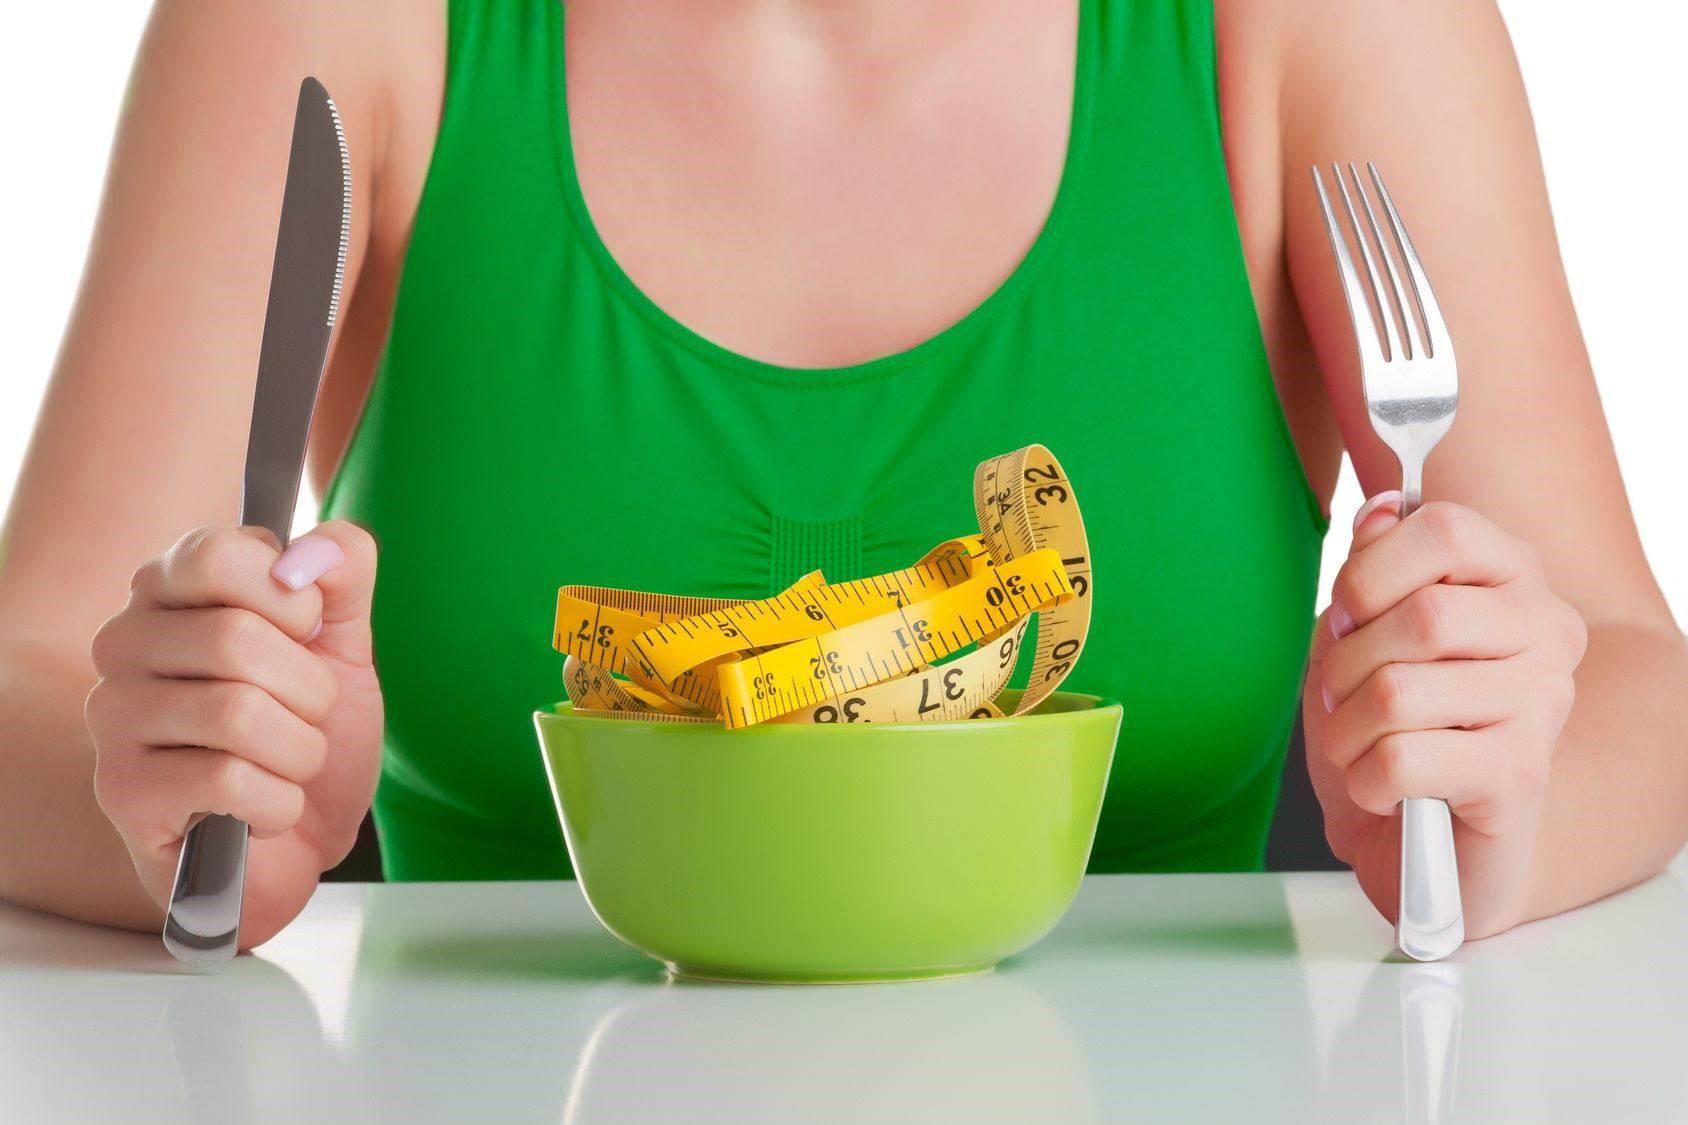 Để giảm béo sau sinh hiệu quả cần nắm rõ những nguyên tắc này